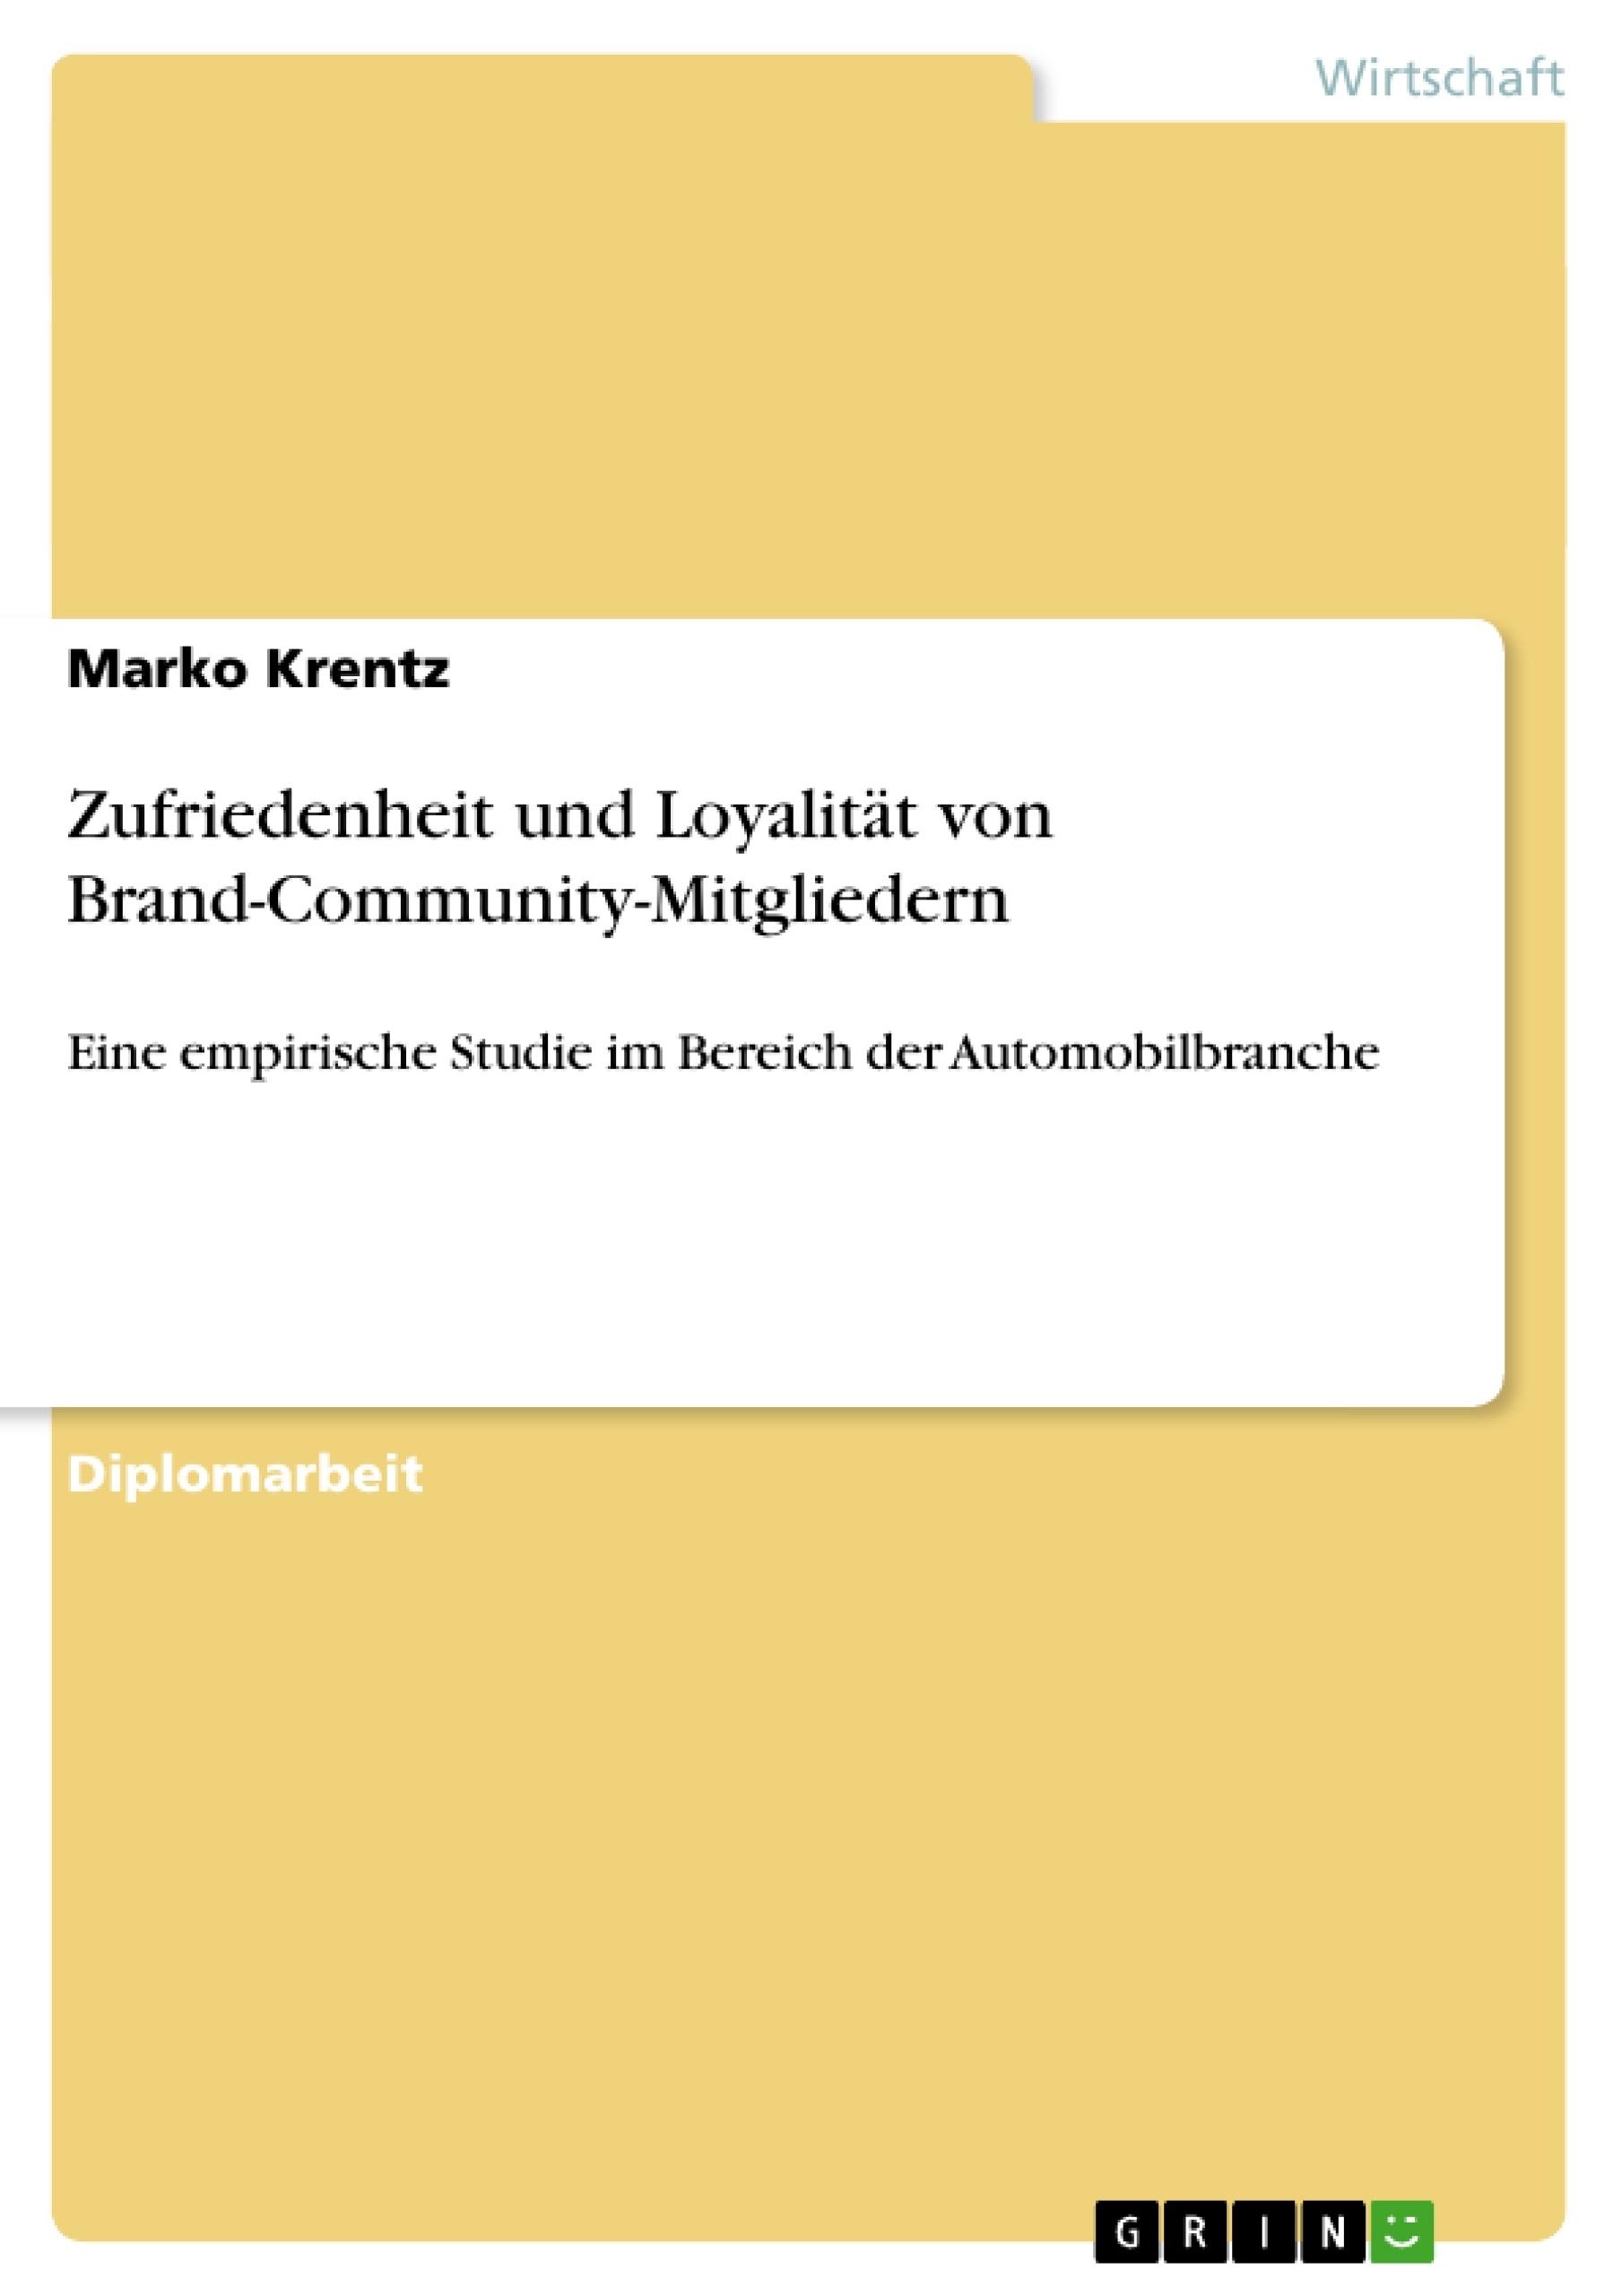 Titel: Zufriedenheit und Loyalität von Brand-Community-Mitgliedern